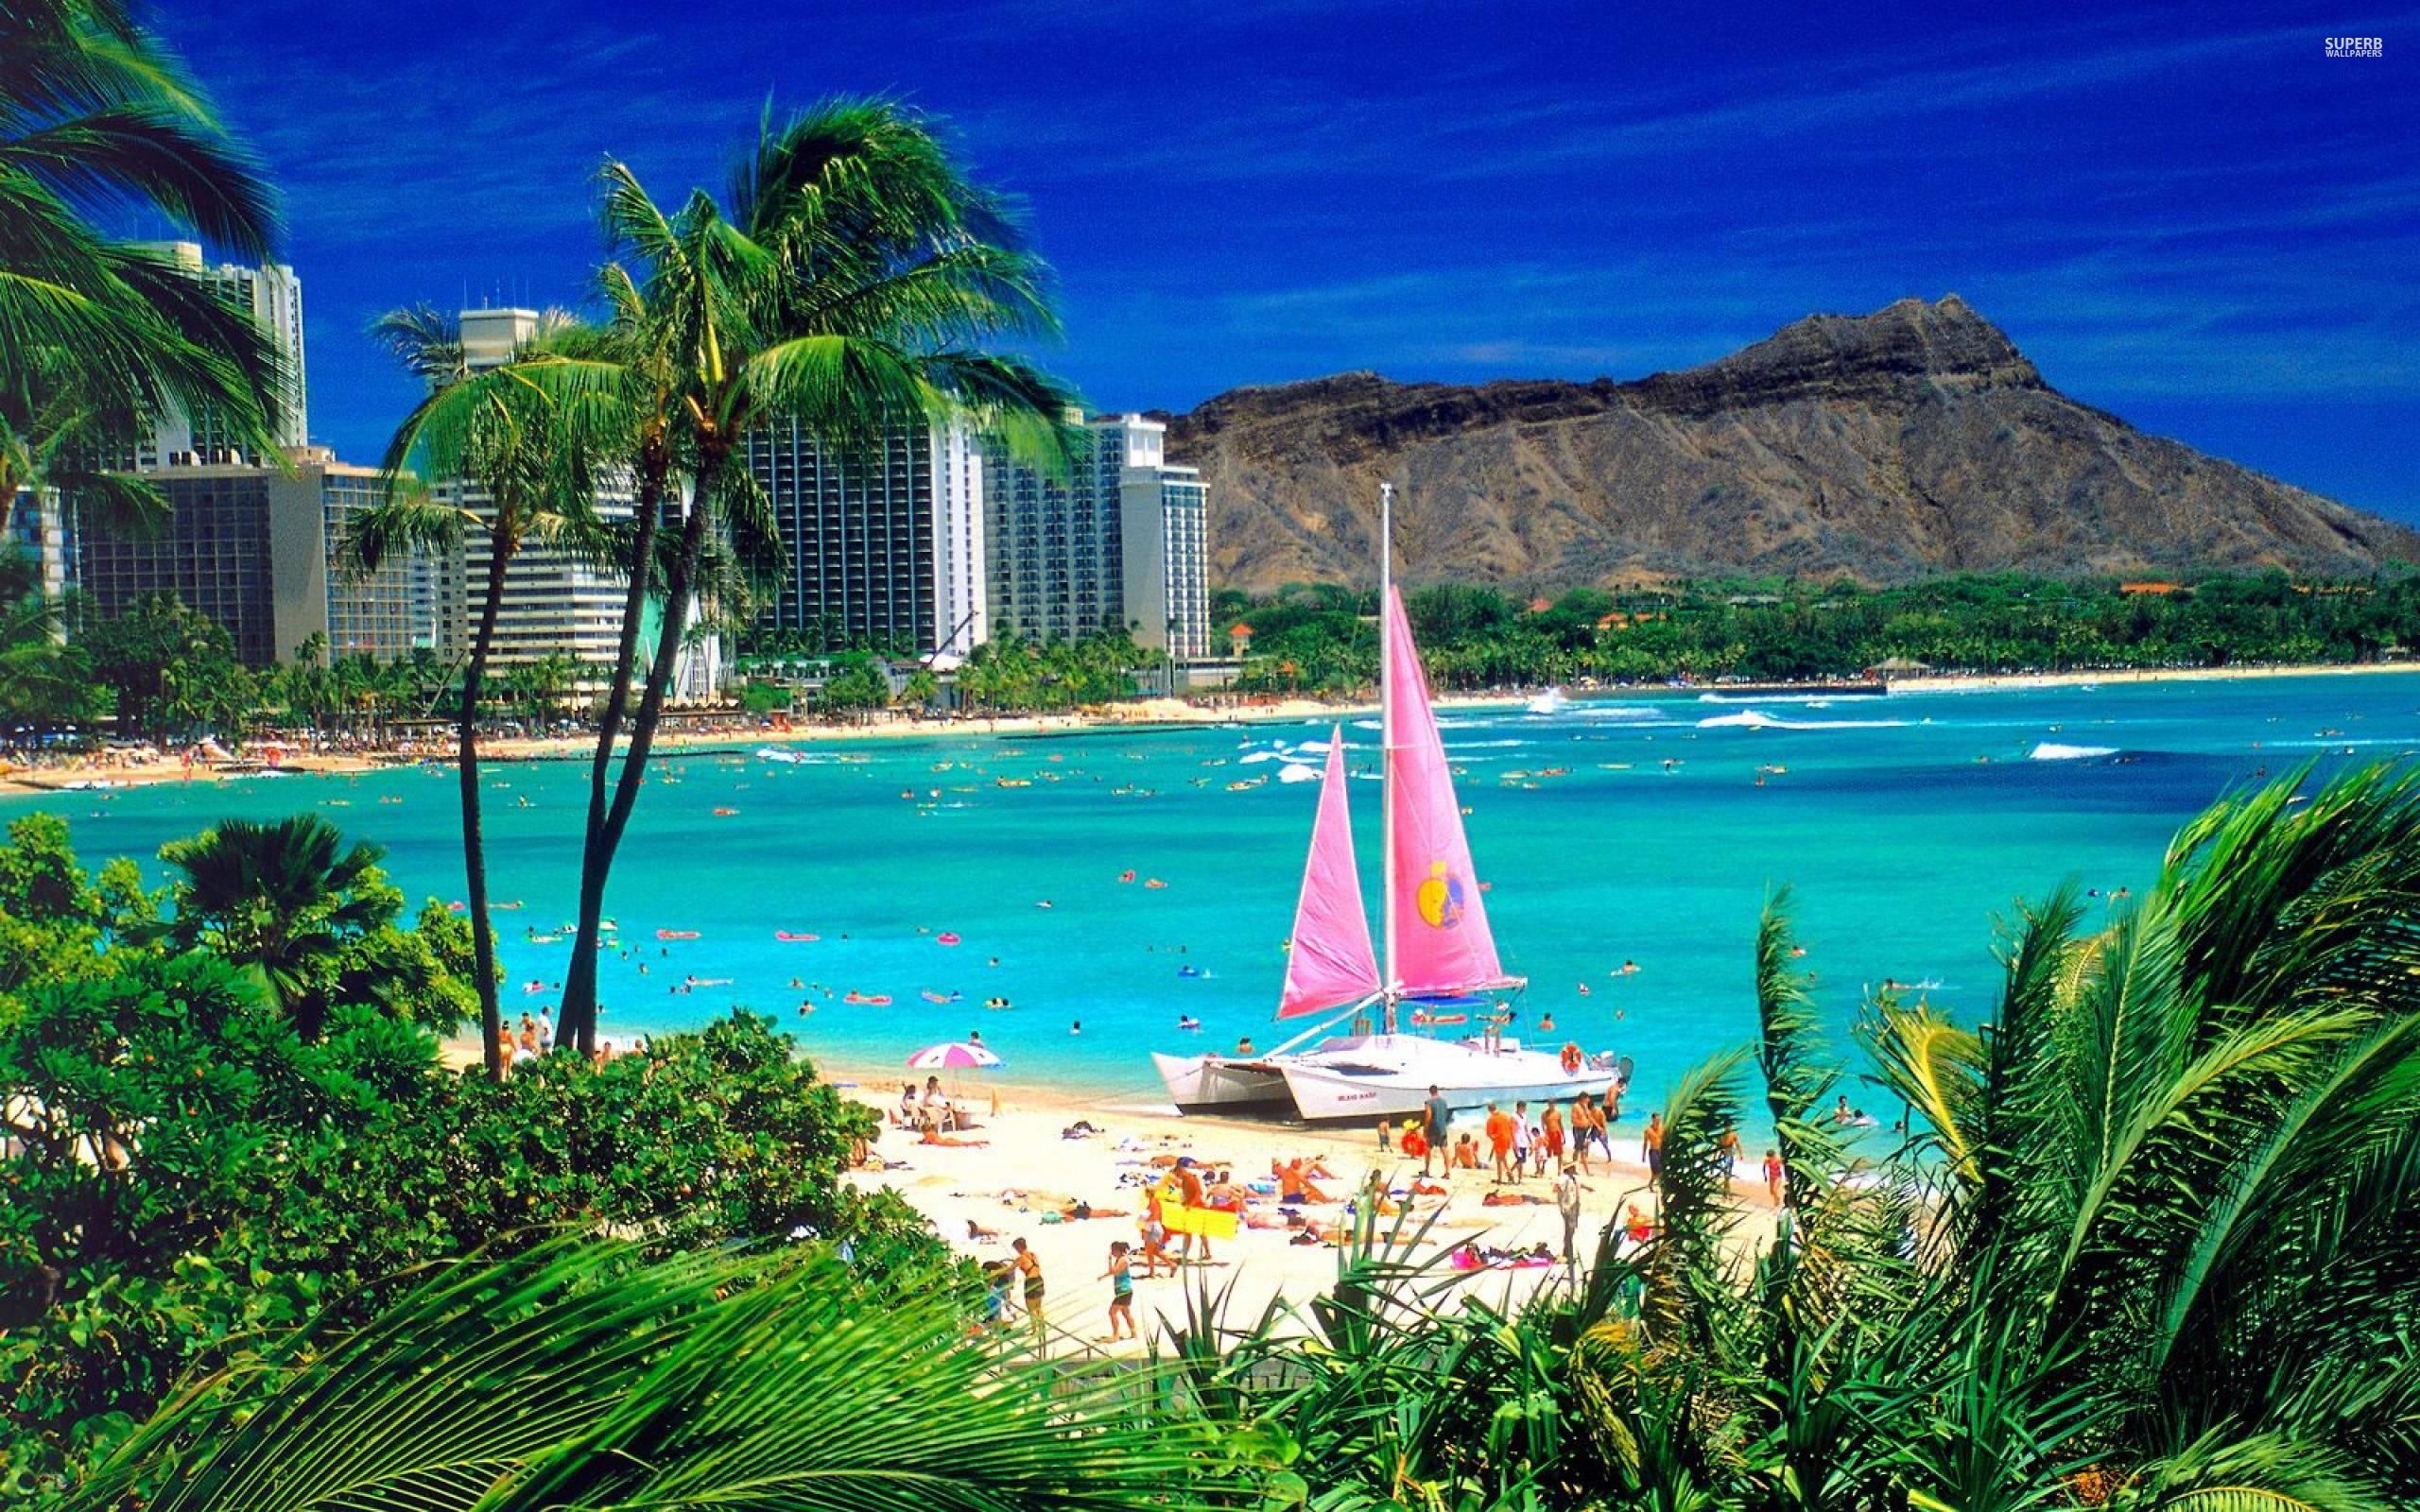 hawaii tropical beach wallpaper - photo #31